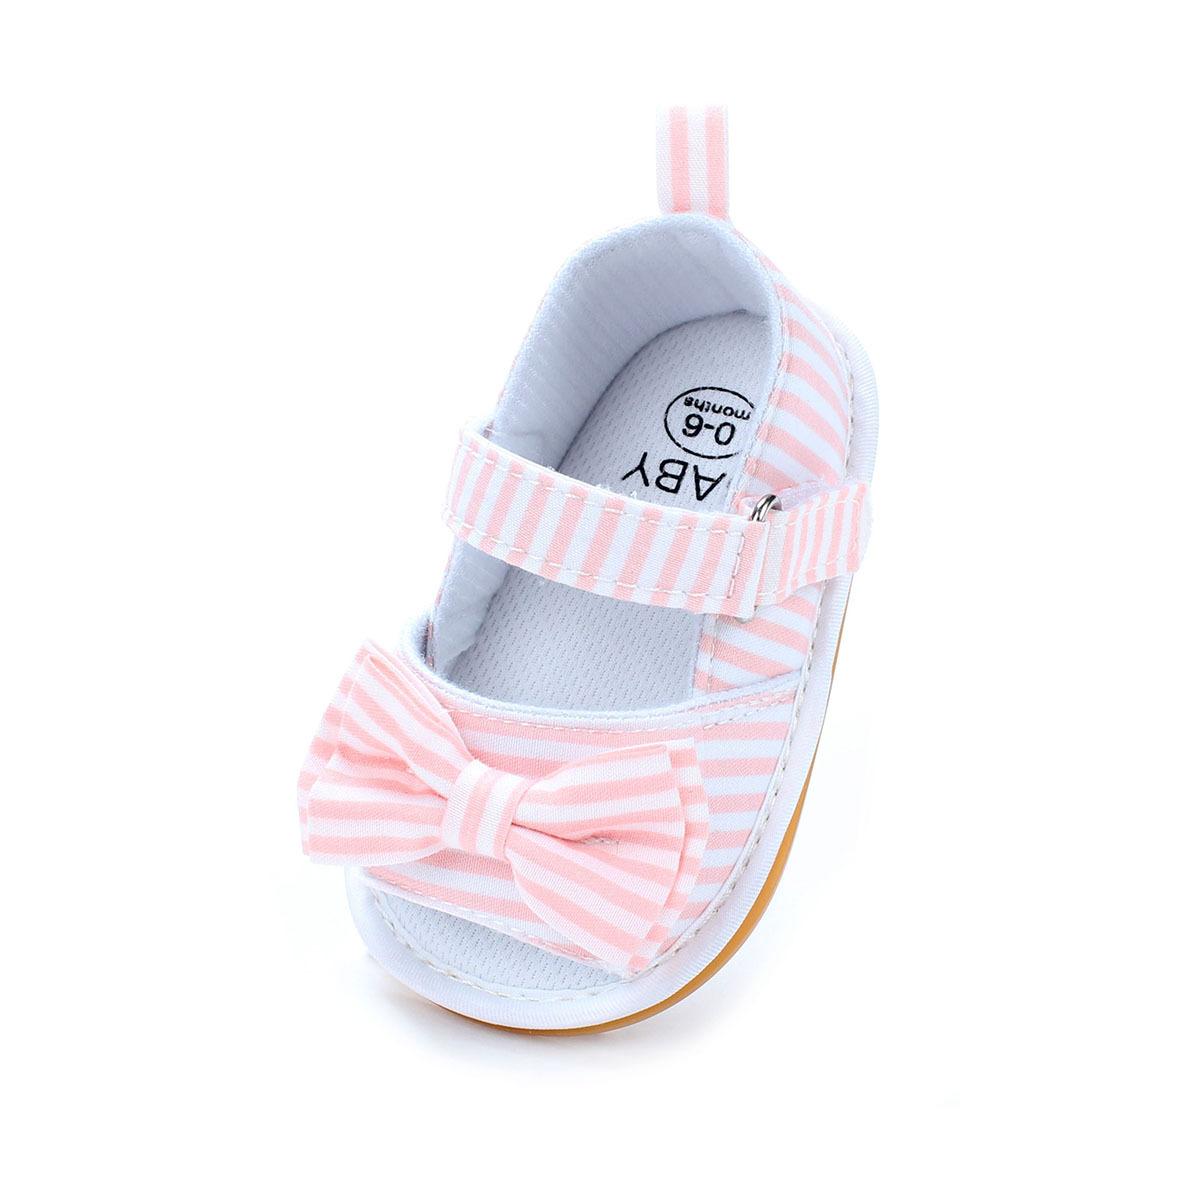 รองเท้าเด็กอ่อน 0-12เดือน สีชมพูลายขาว ติดโบว์